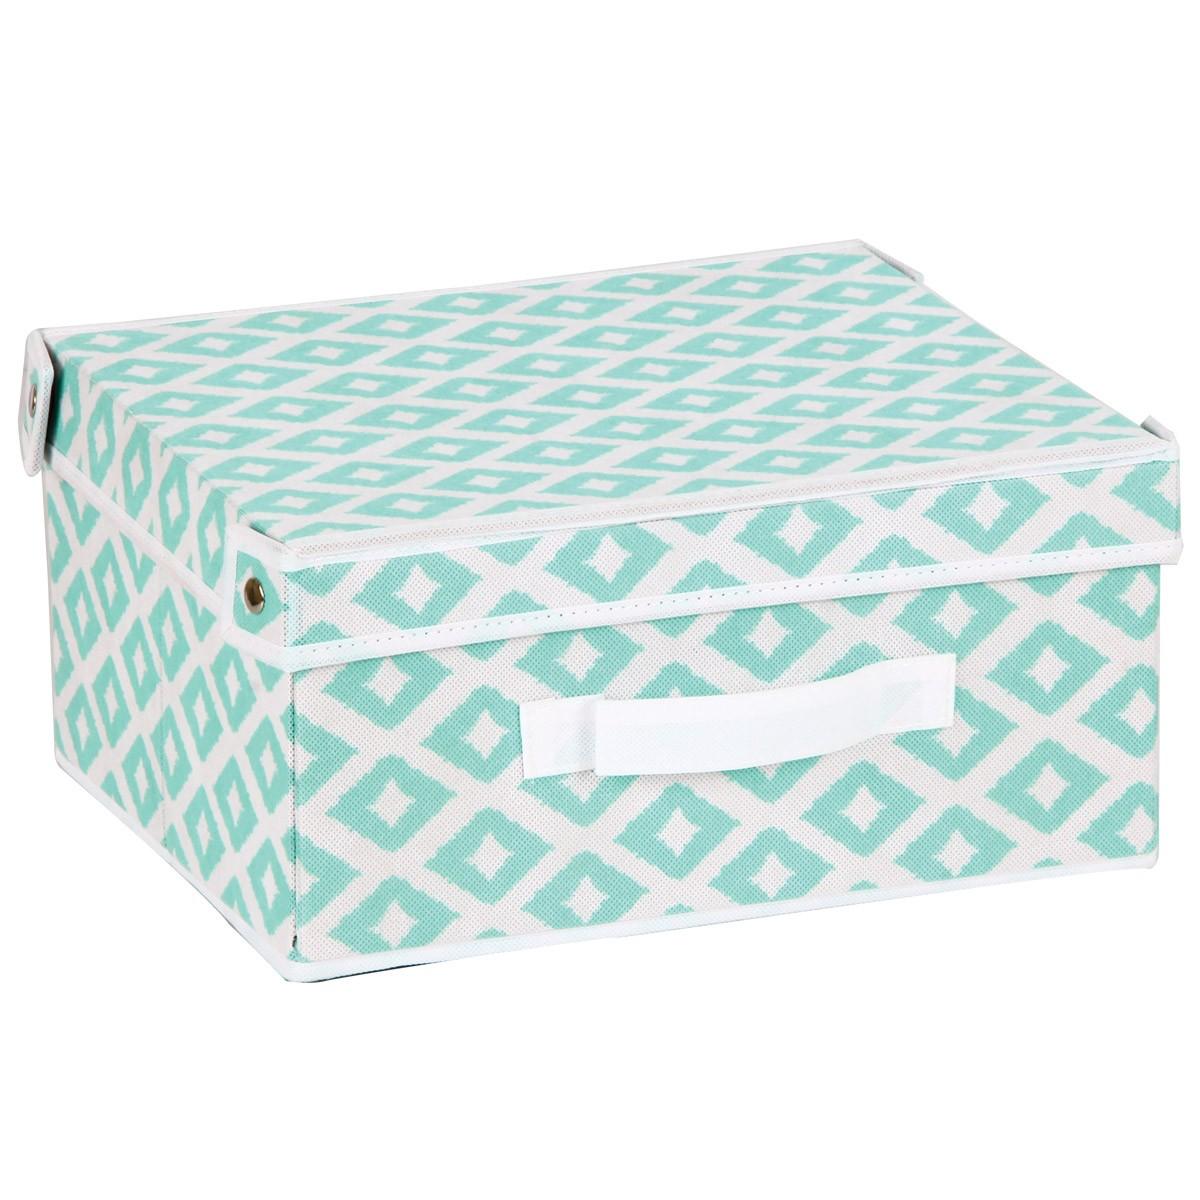 Κουτί Τακτοποίησης (41x35x25) εstia 03-2077 Turquoise home   κρεβατοκάμαρα   οργάνωση ντουλάπας